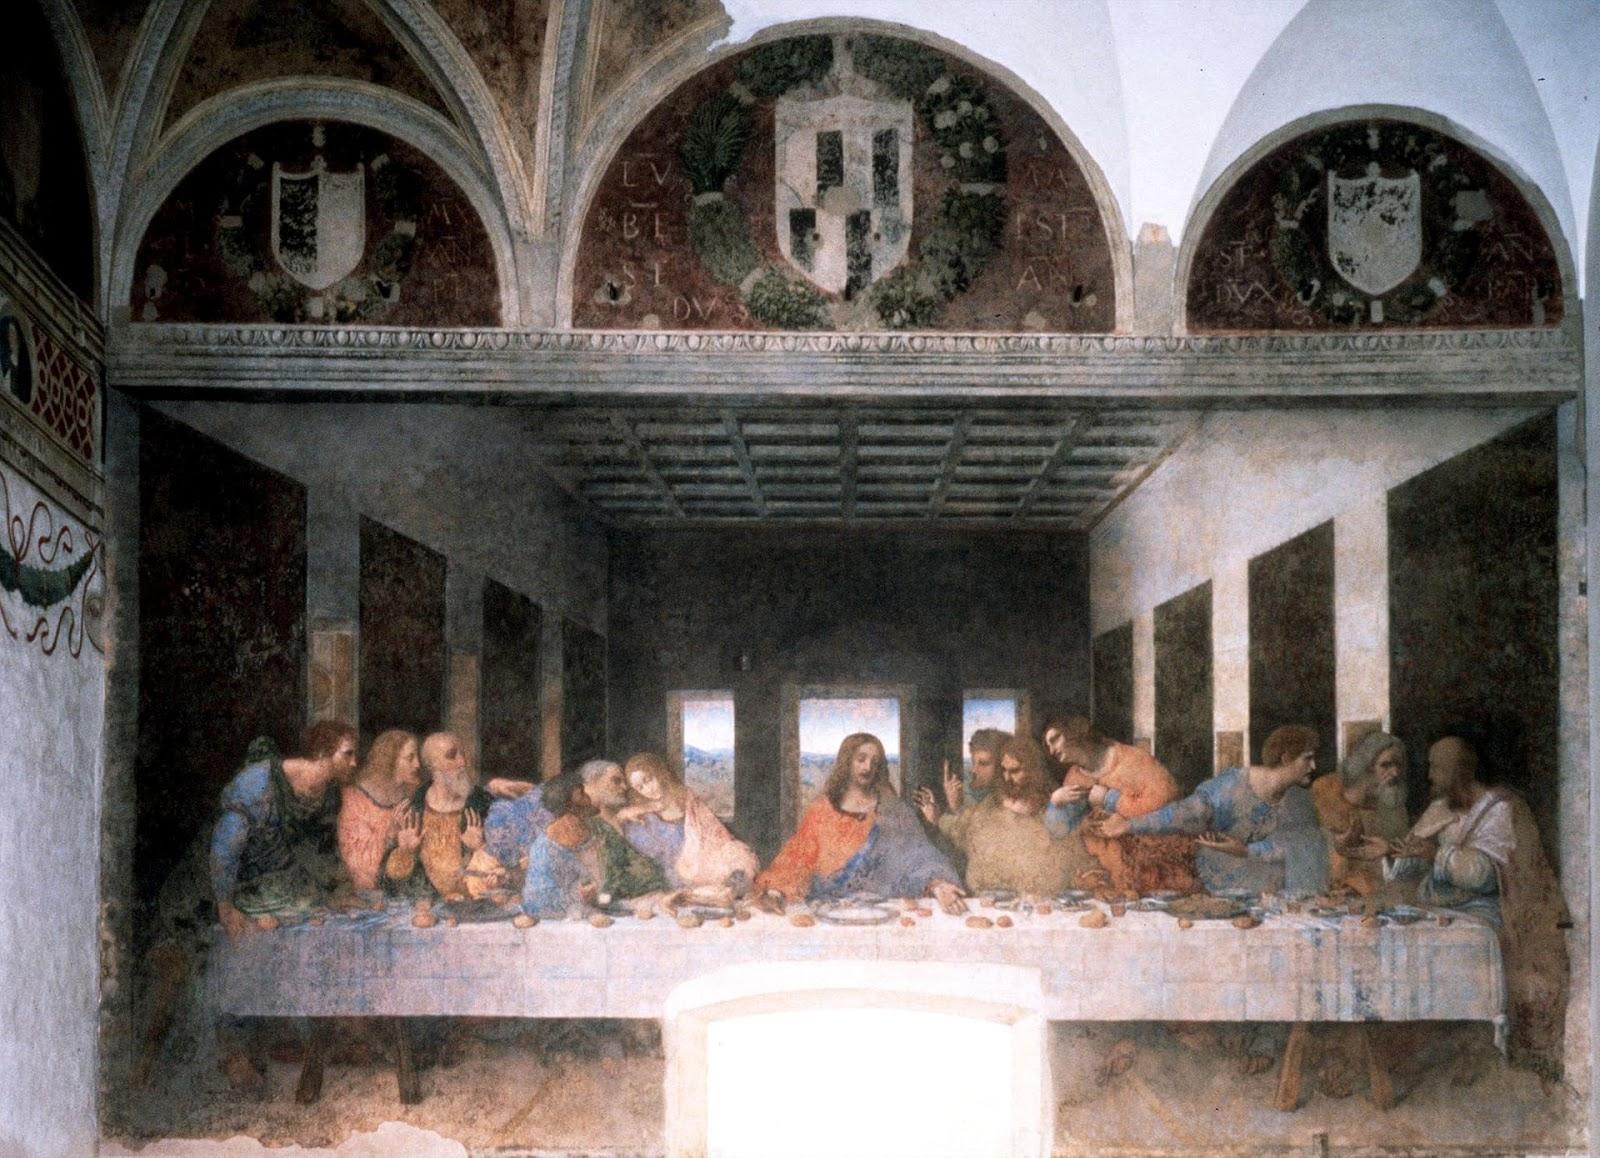 Leonardo da Vinci's restored the Last Supper in Santa Maria delle Grazie cathedral in Milan.